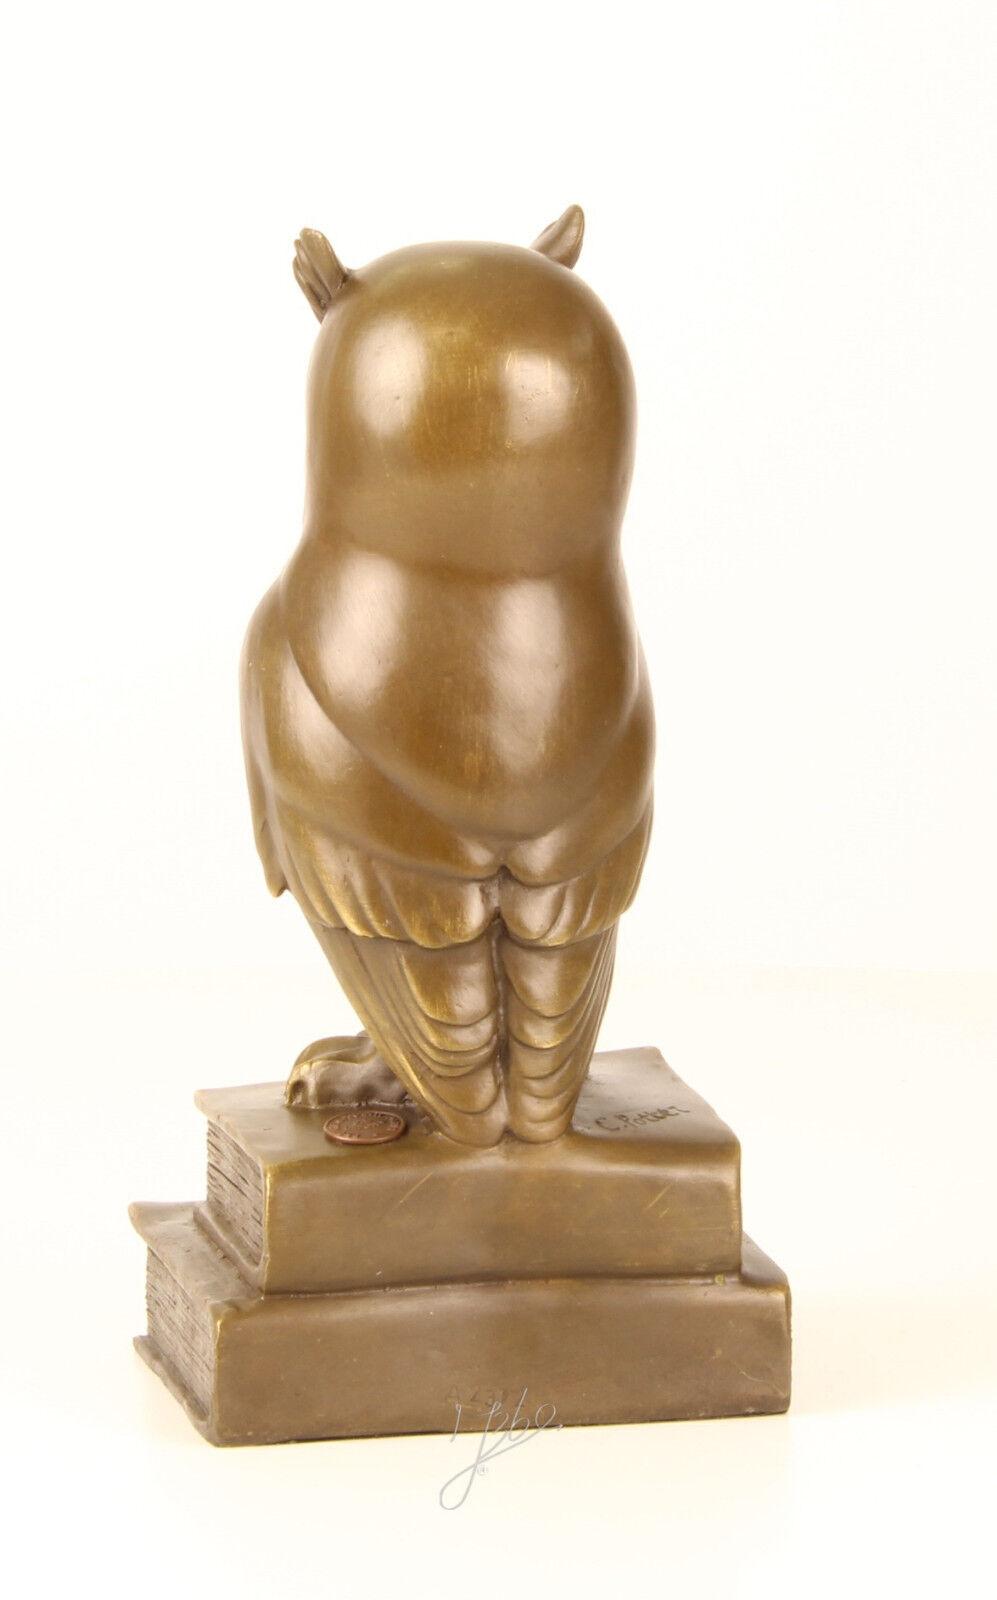 9937417-dss Bronze Sculpture la Figurine Hibou la Sculpture sagesse sur Livre 11x9x22cm afb175